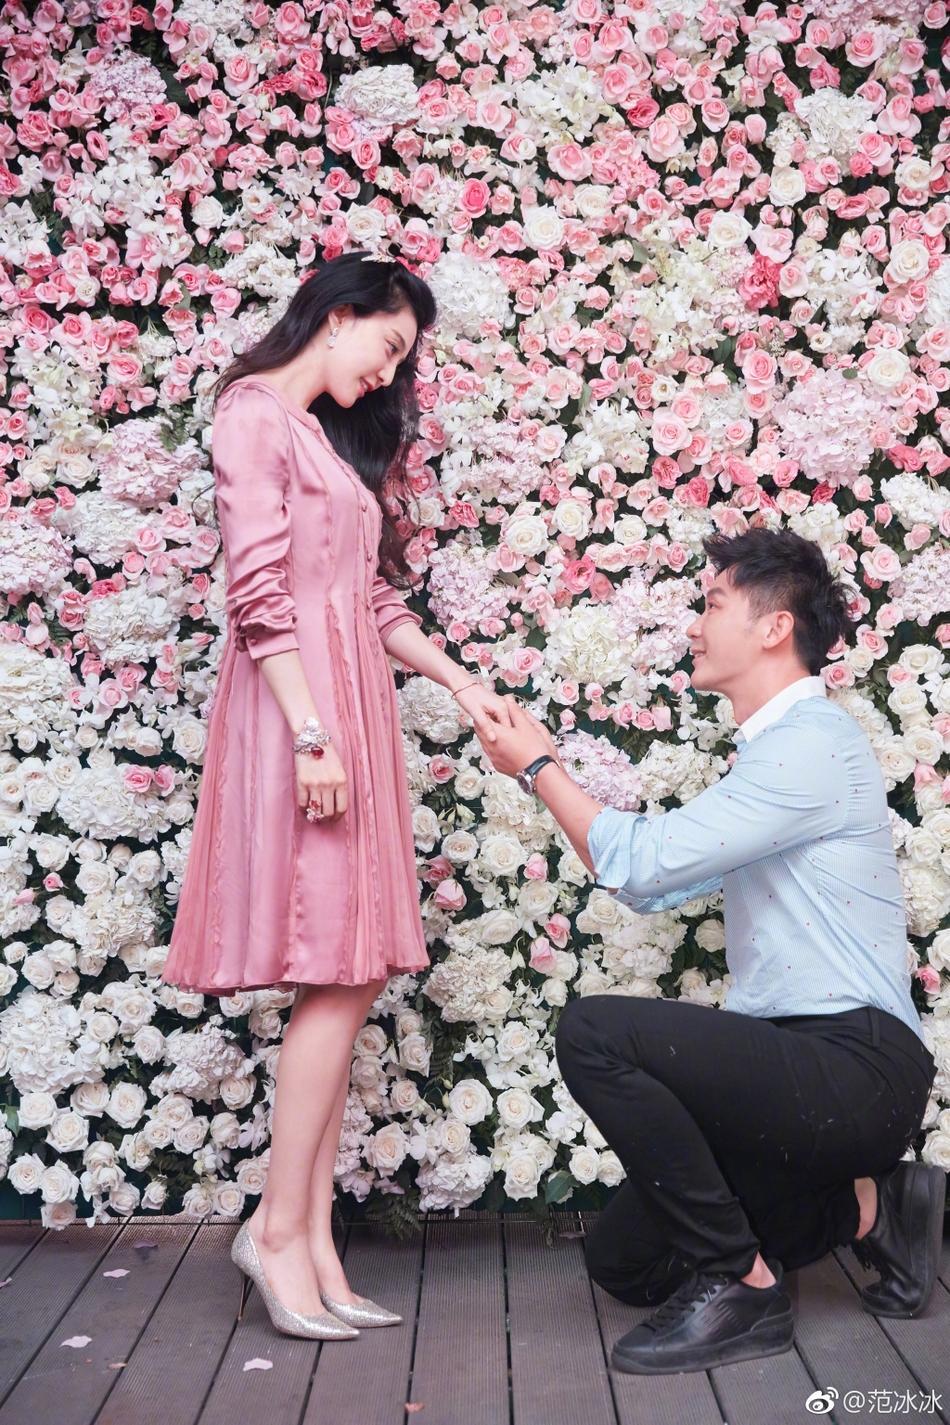 Sao Hoa ngữ cầu hôn: Người tiêu tốn tỷ đồng, kẻ giản đơn ngờ nghệch-1